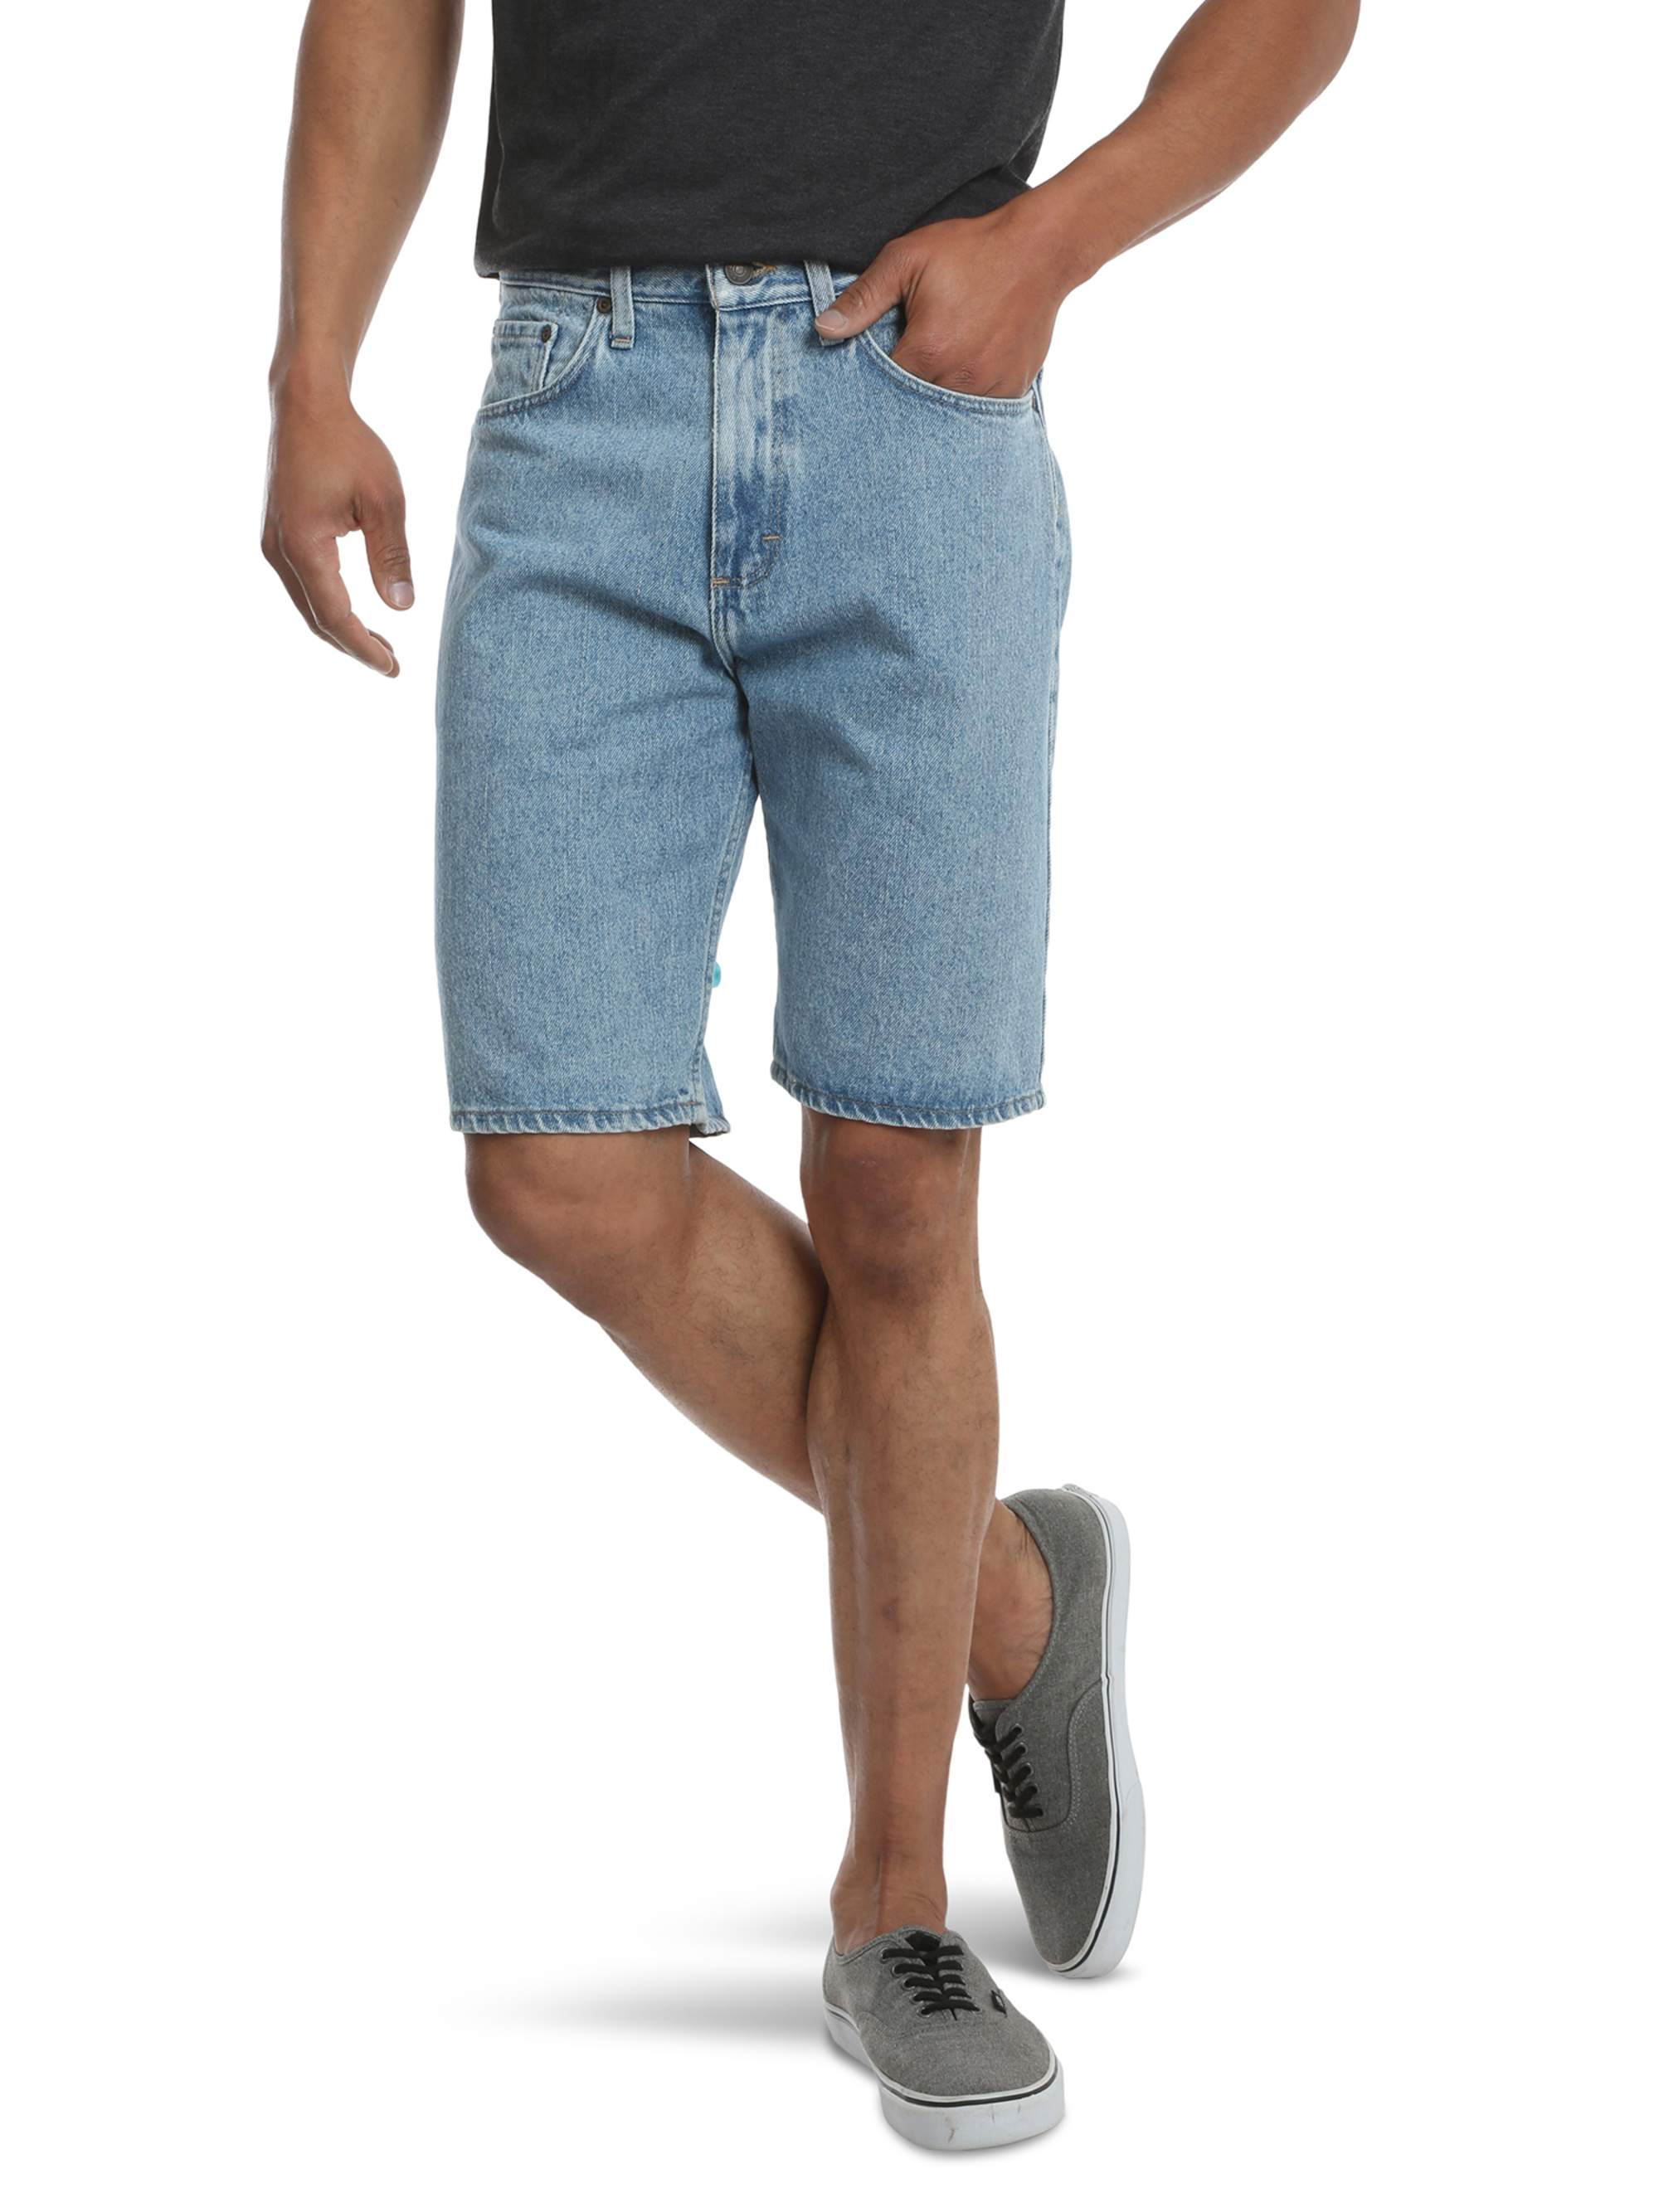 Wrangler Men's 5 Pocket Denim Short